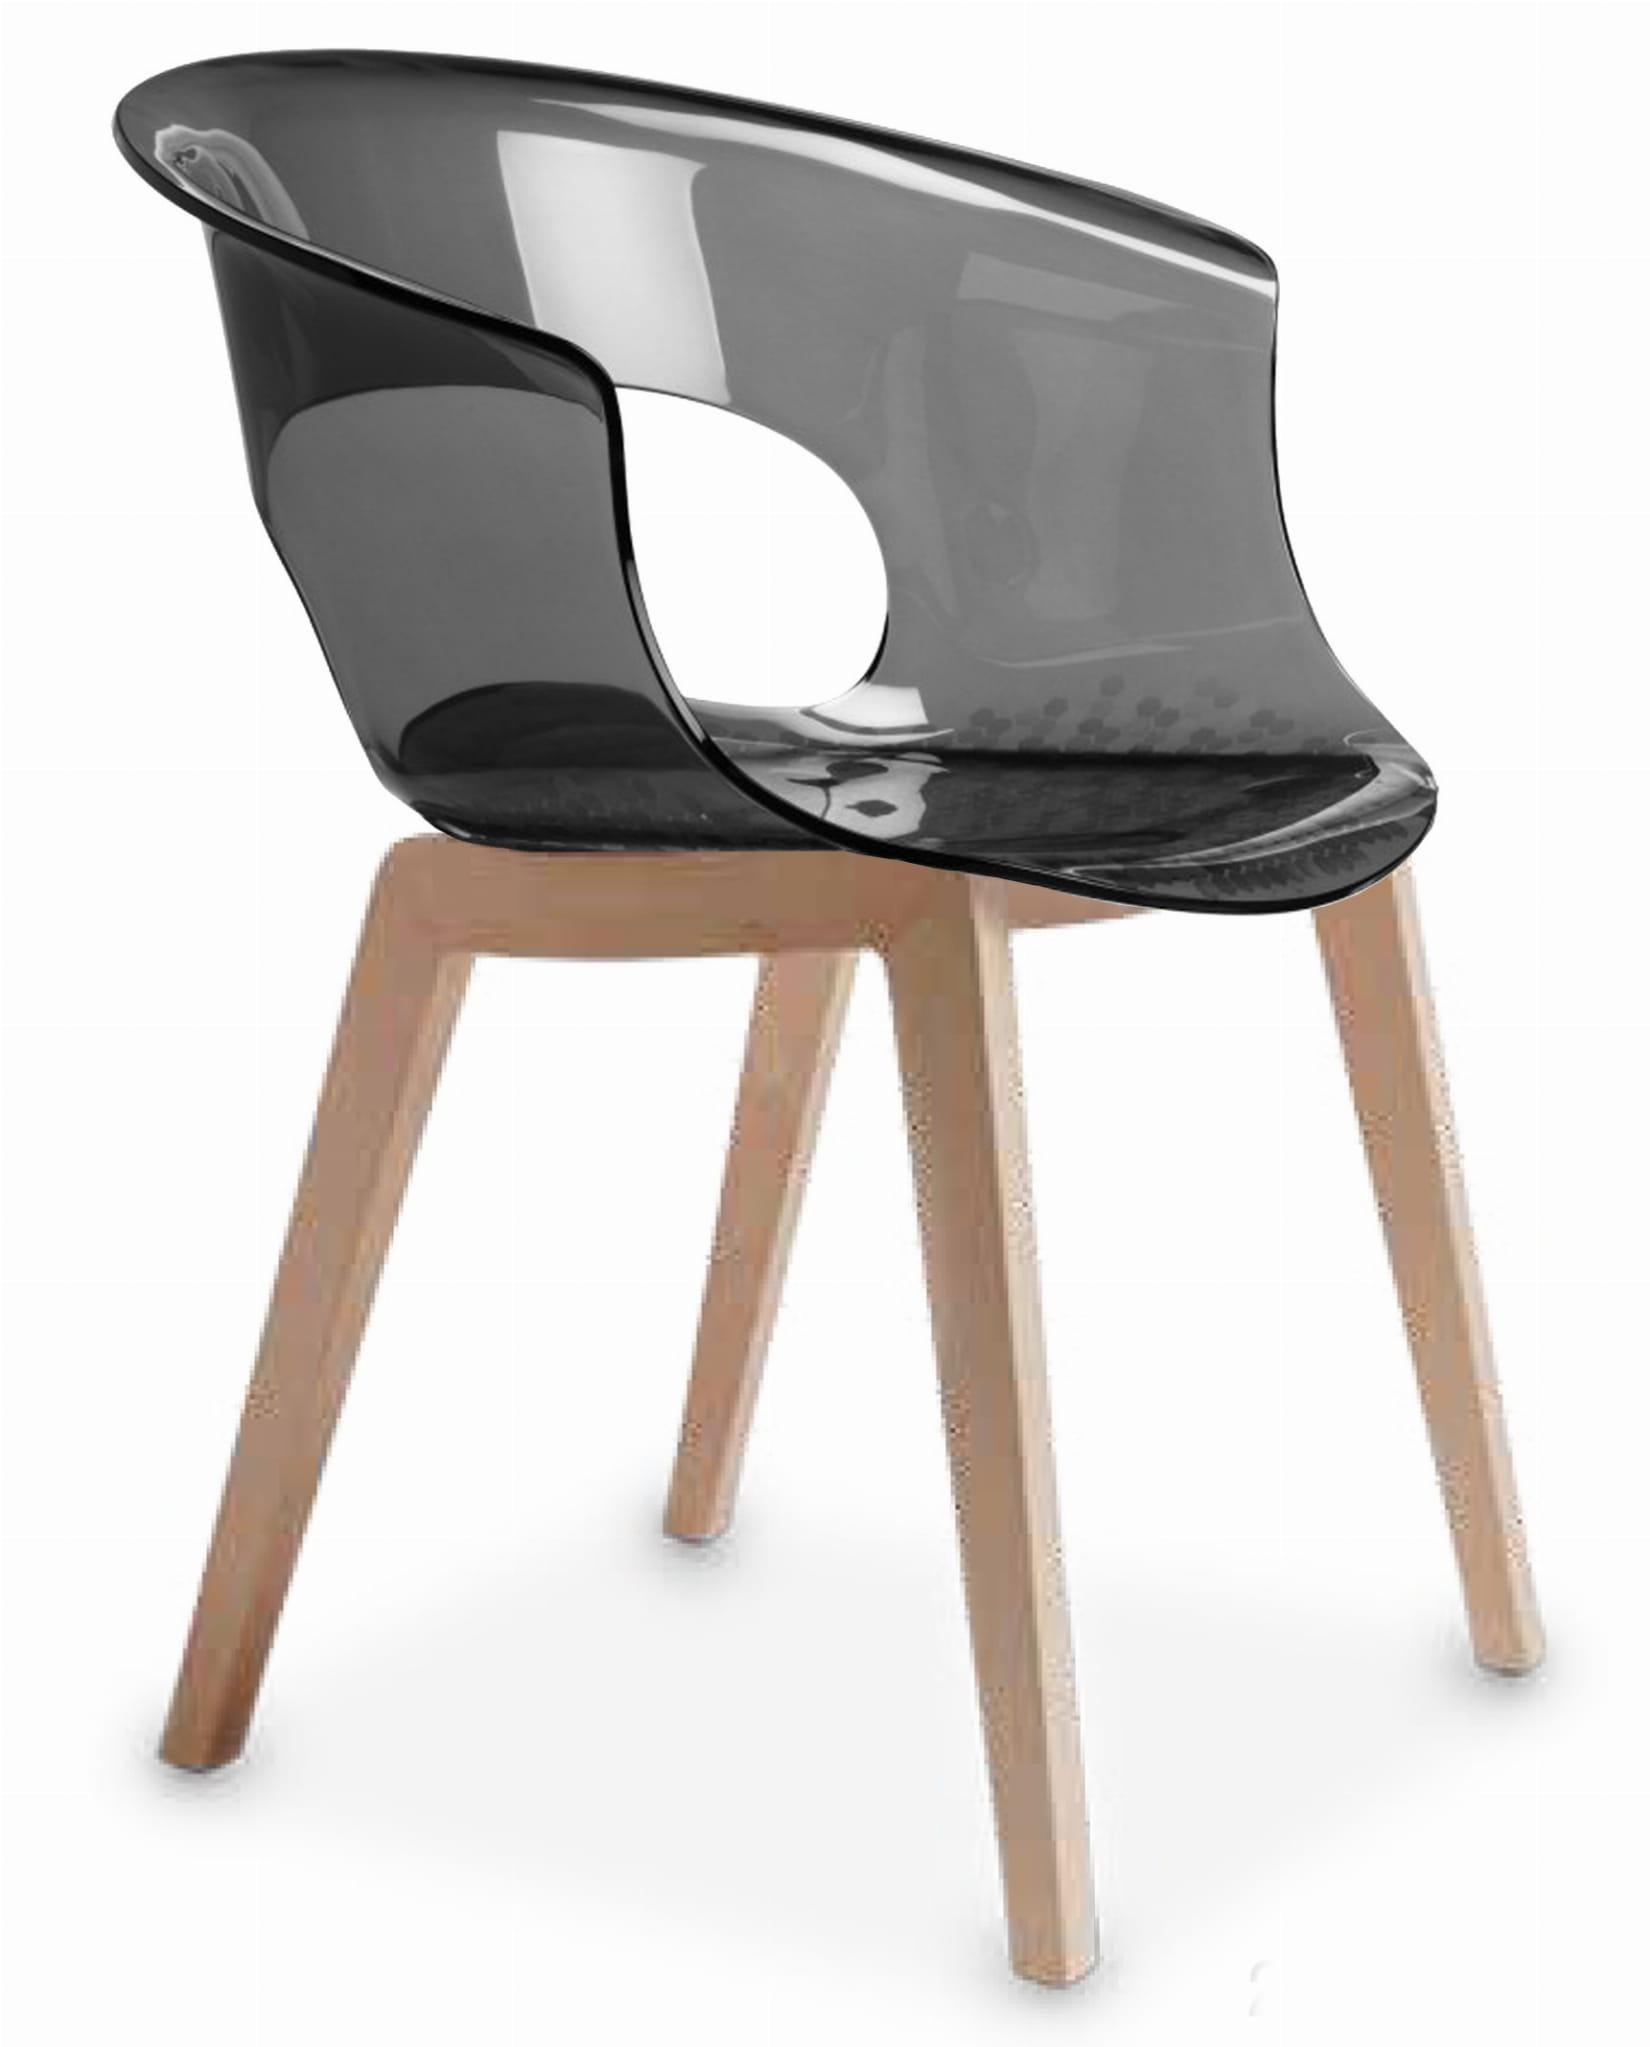 Krzesło Natural Miss B Antishock Scab Design nowoczesne drewniane poliwęglanowe do restauracji